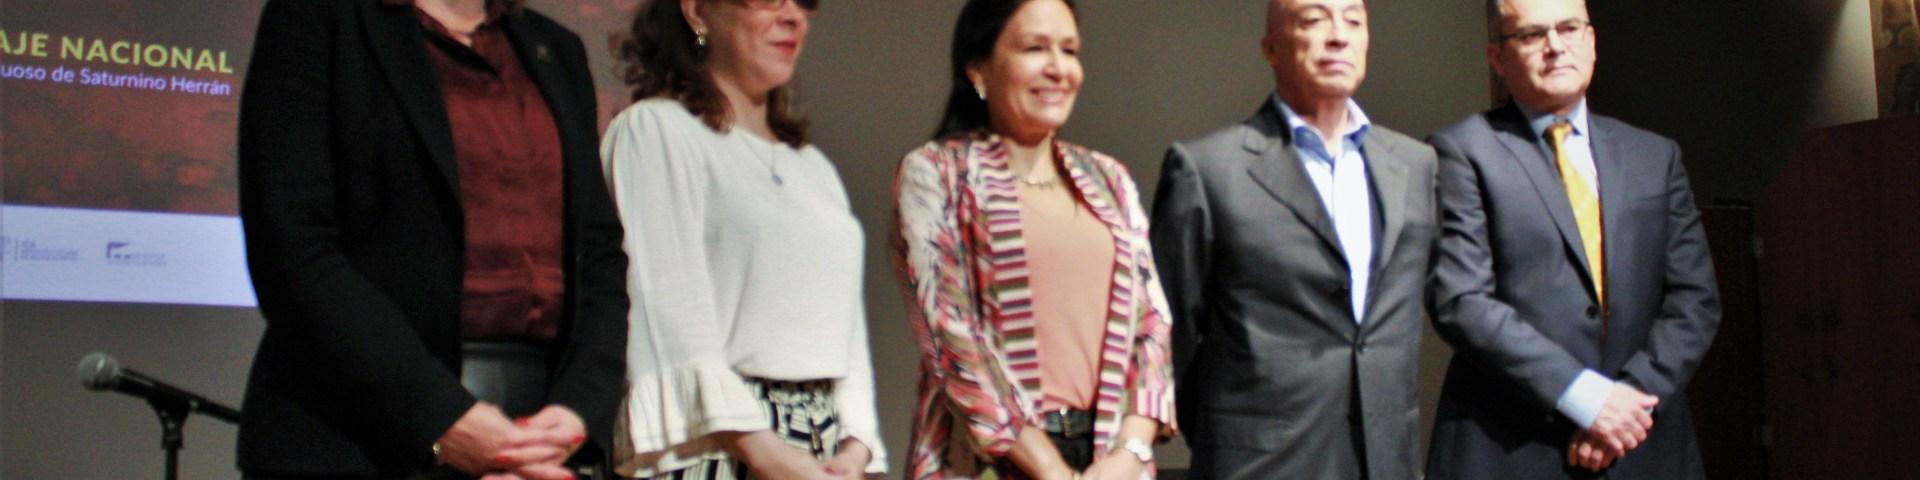 De izquierda a derecha, la Arquitecta Claudia Patricia Santa Ana Zaldívar, directora general del ICA, la Doctora Sara Baz Sánchez, directora del MUNAL, la Doctora Lidia Camacho, directora general del INBA, el Maestro Saturnino Herrán Gudiño, y el Licenciado Miguel Ángel Vargas Gómez, director de promoción y difusión del Instituto Cultural de Aguascalientes.